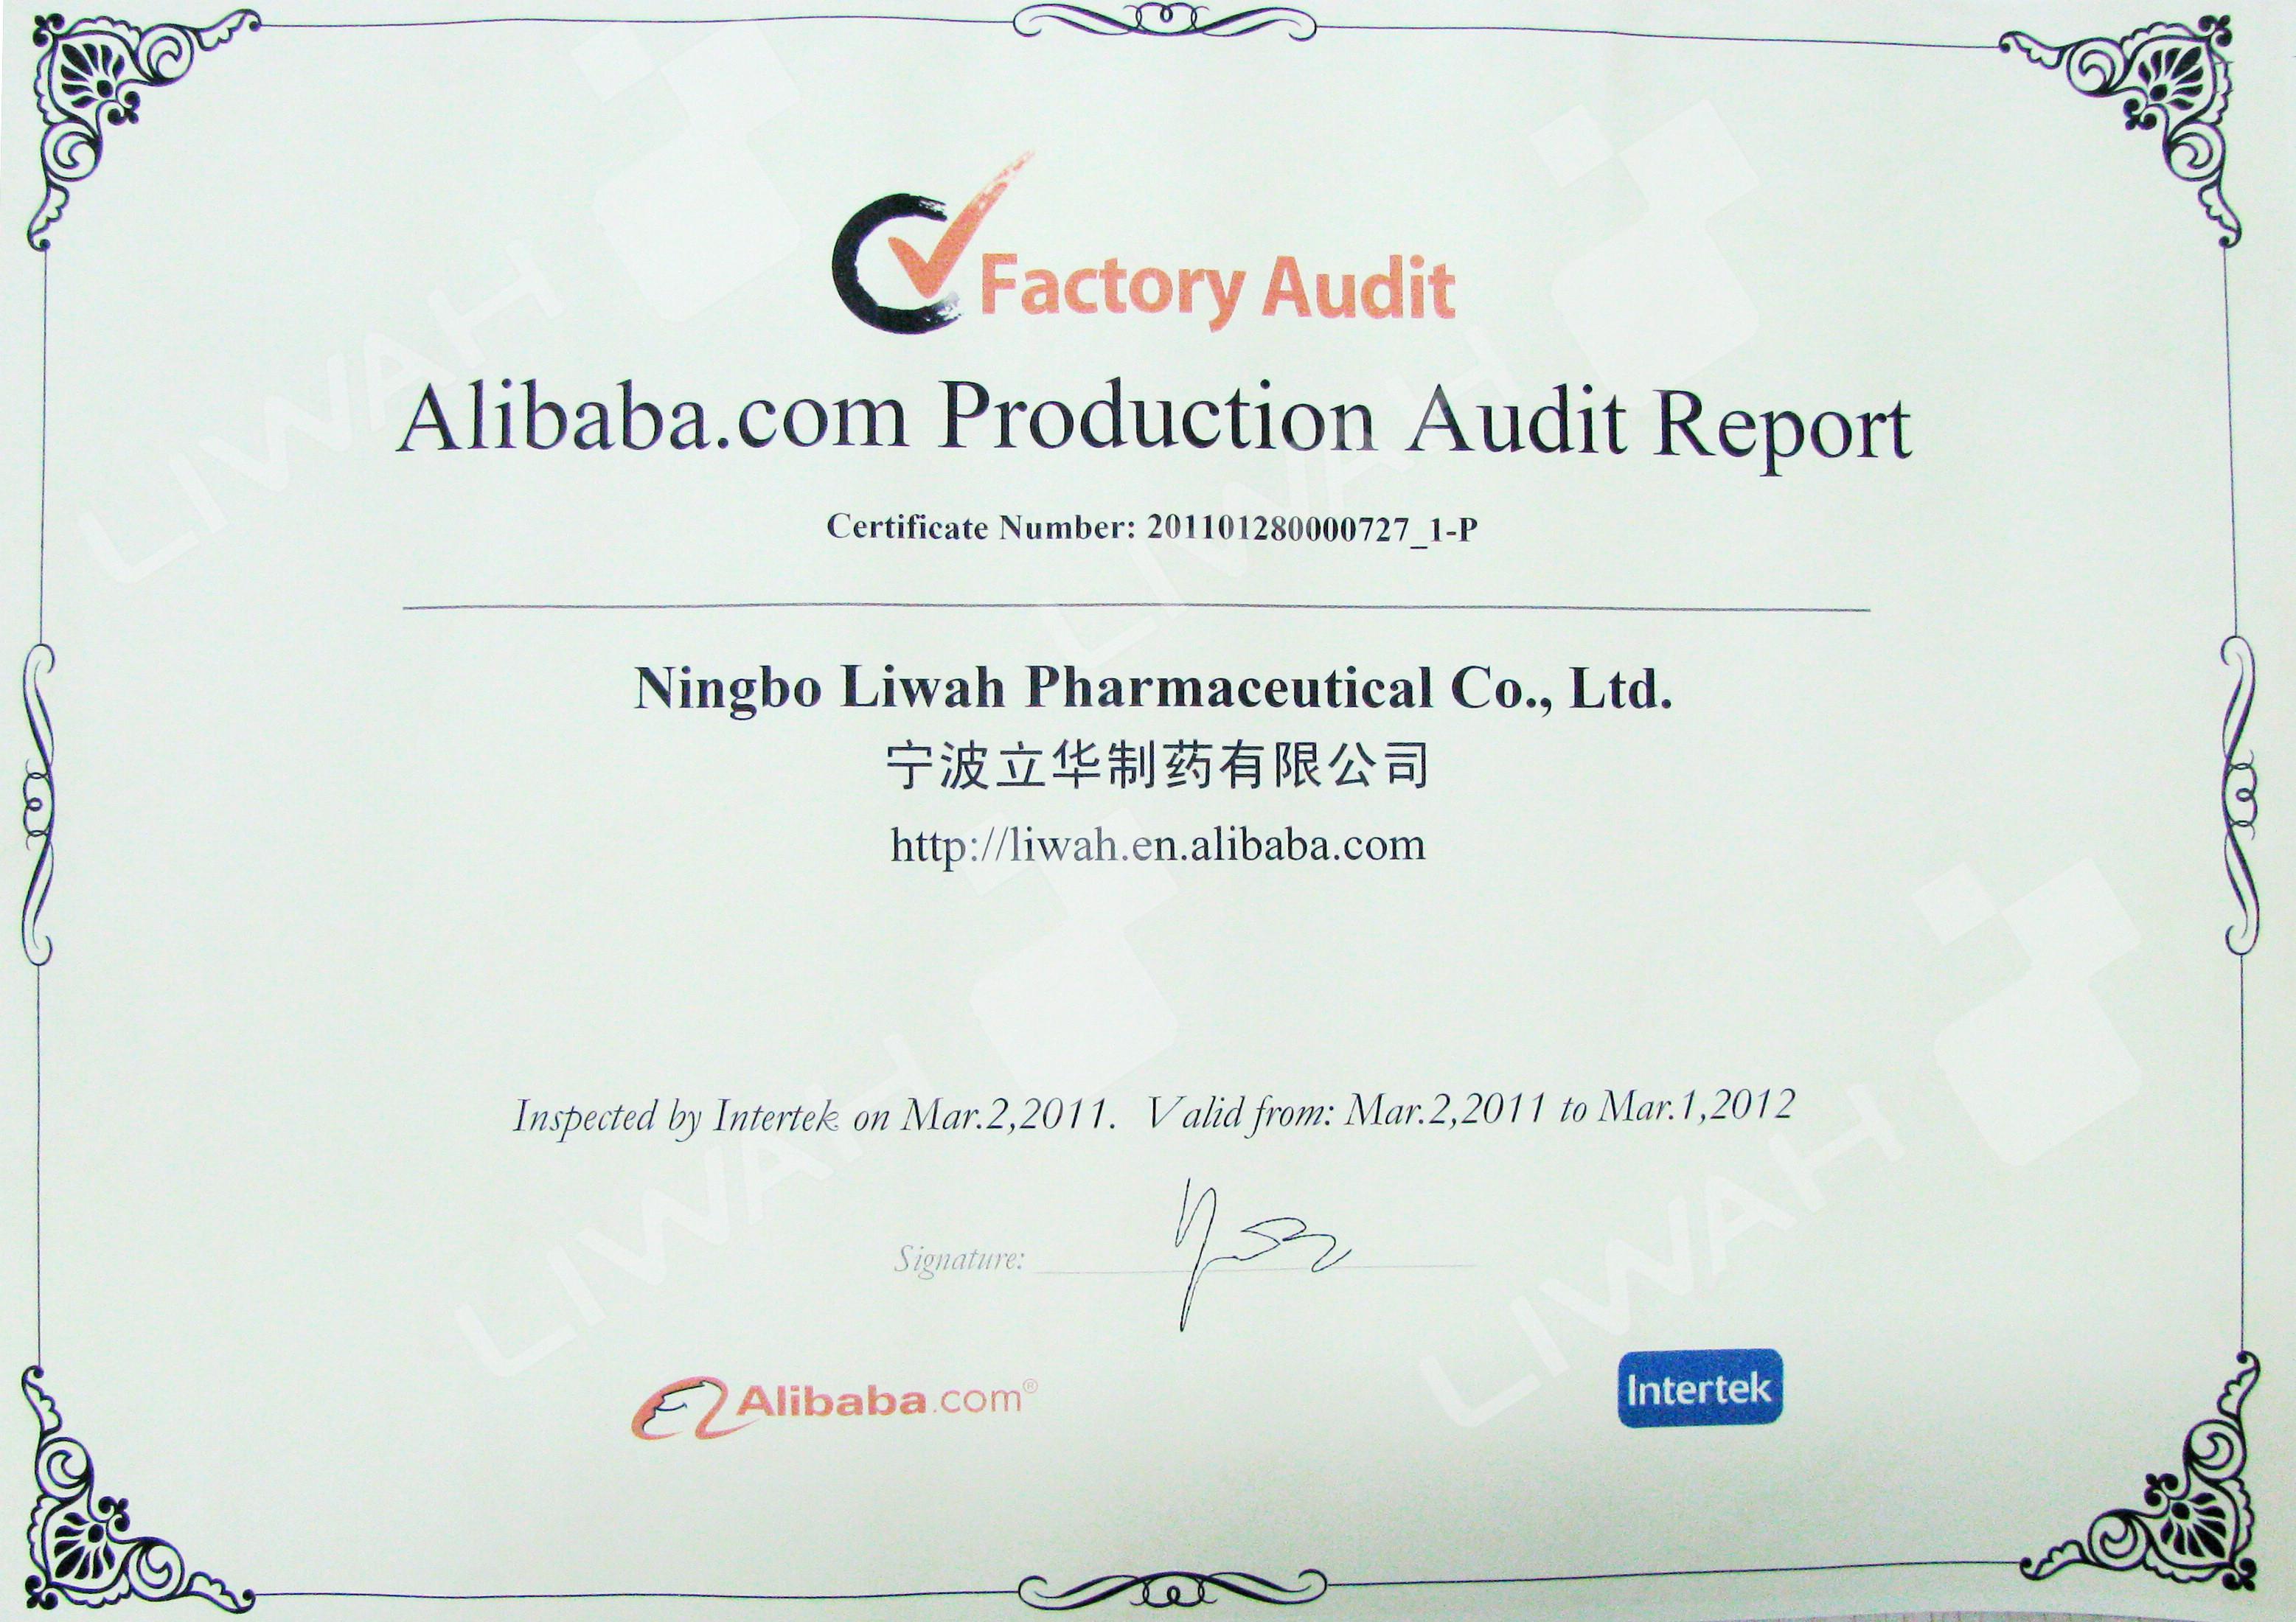 阿里巴巴生产认证报告